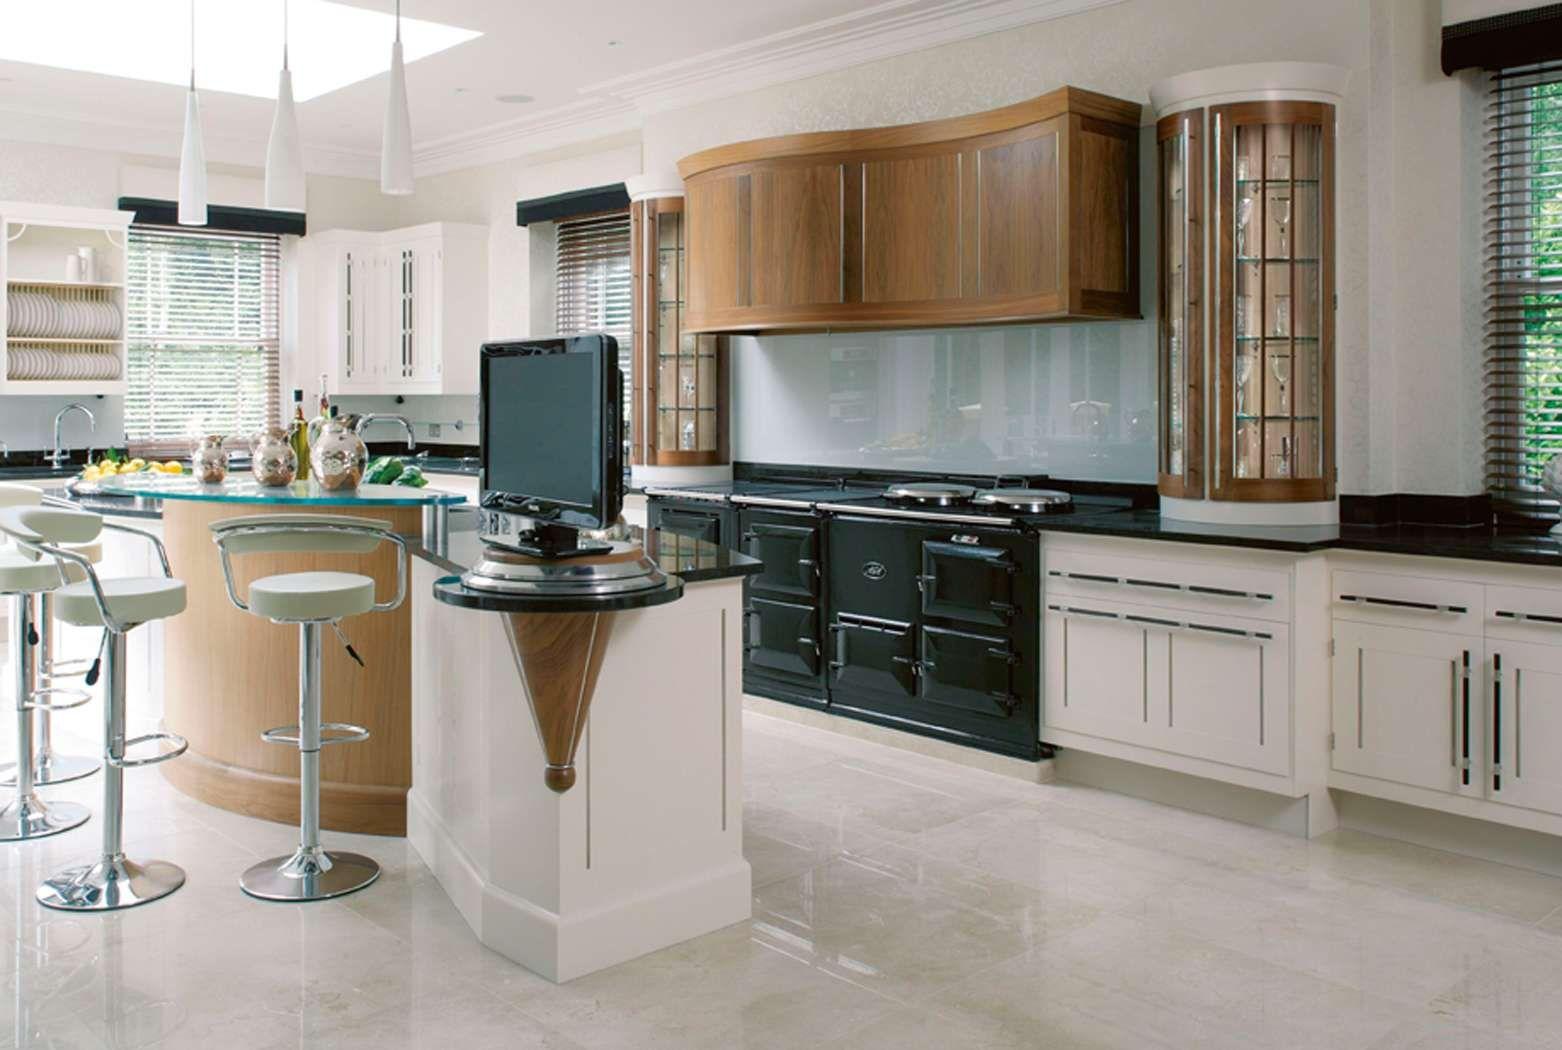 Mark Wilkinson Kitchen Luxury kitchens, Kitchen, High